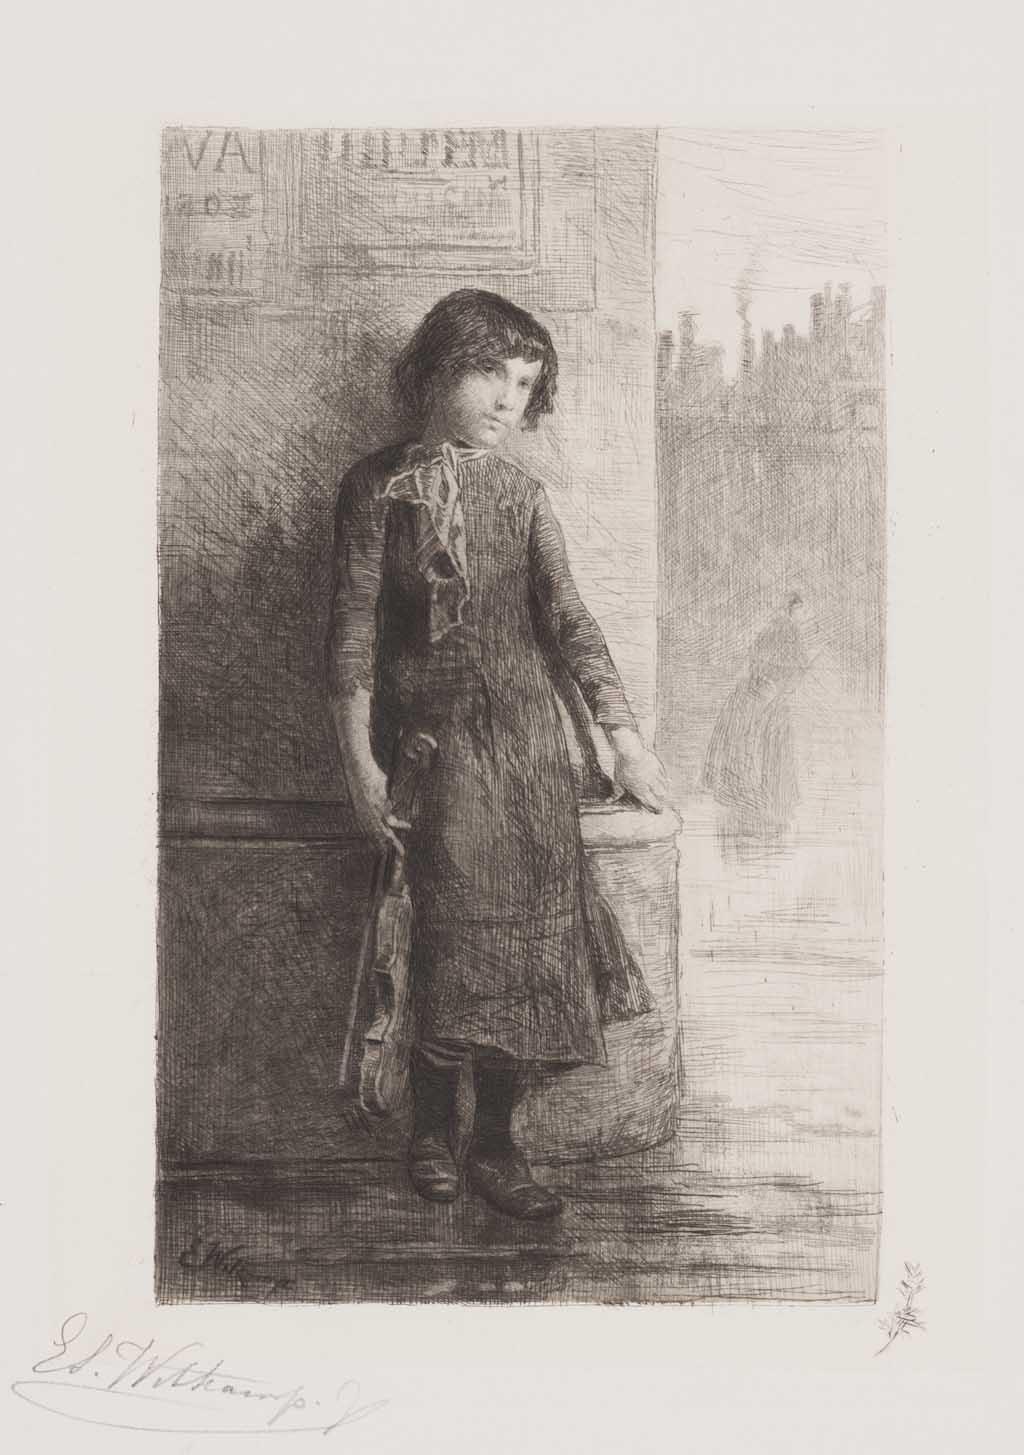 De Distel, etsen van Nederlandsche schilders, editie 1888 (afl. 11: Straatvirtuoos)